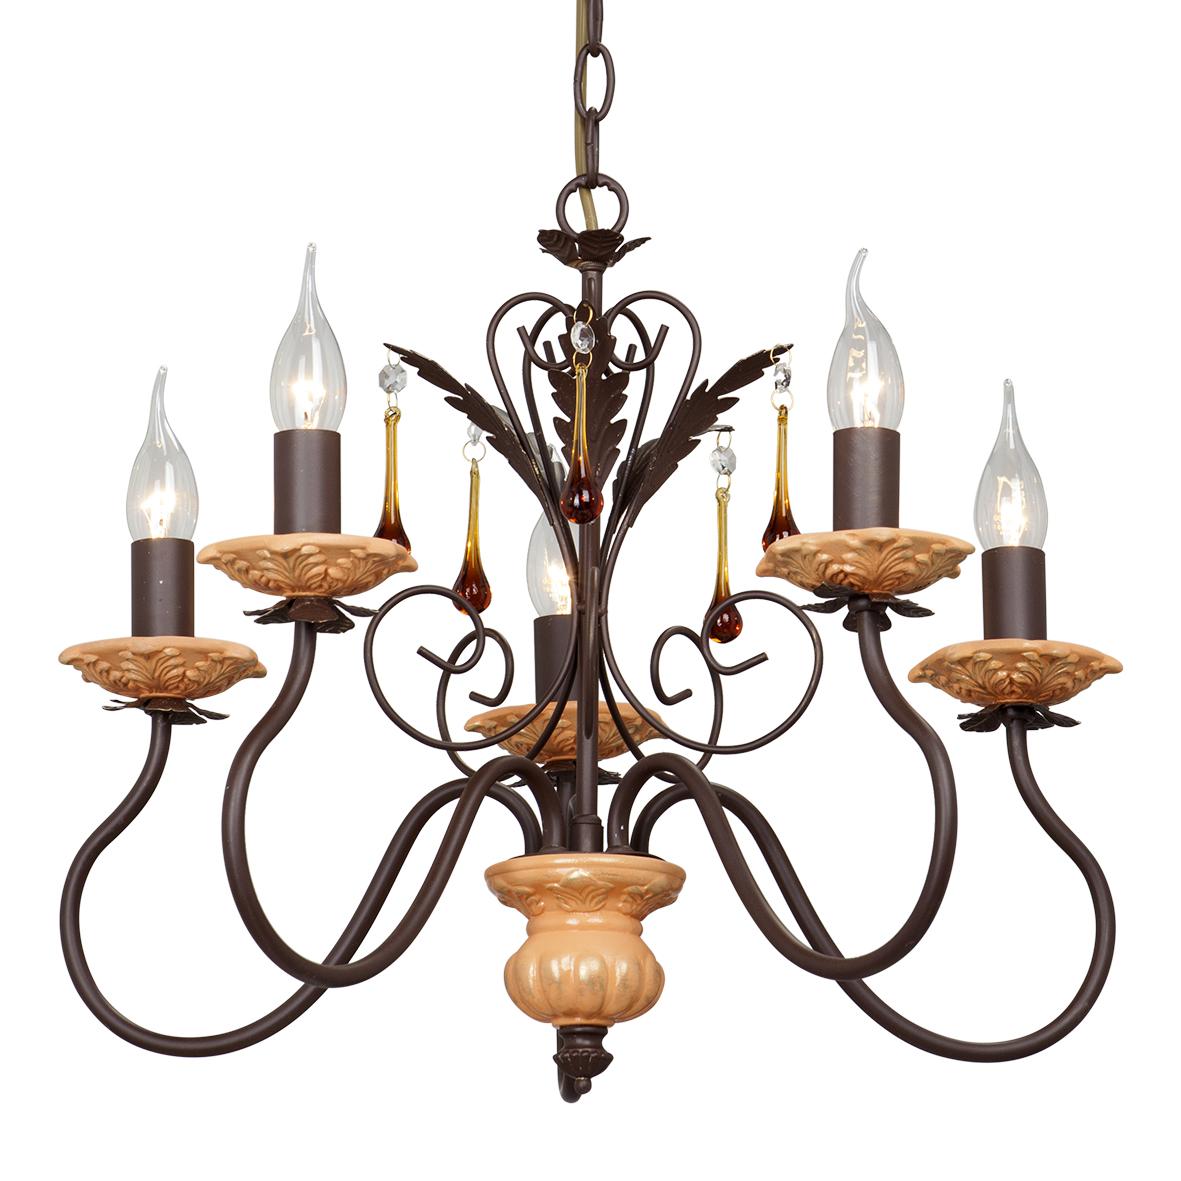 Люстра VitaluceЛюстры<br>Назначение светильника: для гостиной, Стиль светильника: модерн, Тип: подвесная, Материал светильника: металл, Материал арматуры: металл, Диаметр: 520, Высота: 650, Количество ламп: 5, Тип лампы: накаливания, Мощность: 60, Патрон: Е14, Цвет арматуры: дерево, Родина бренда: Италия<br>